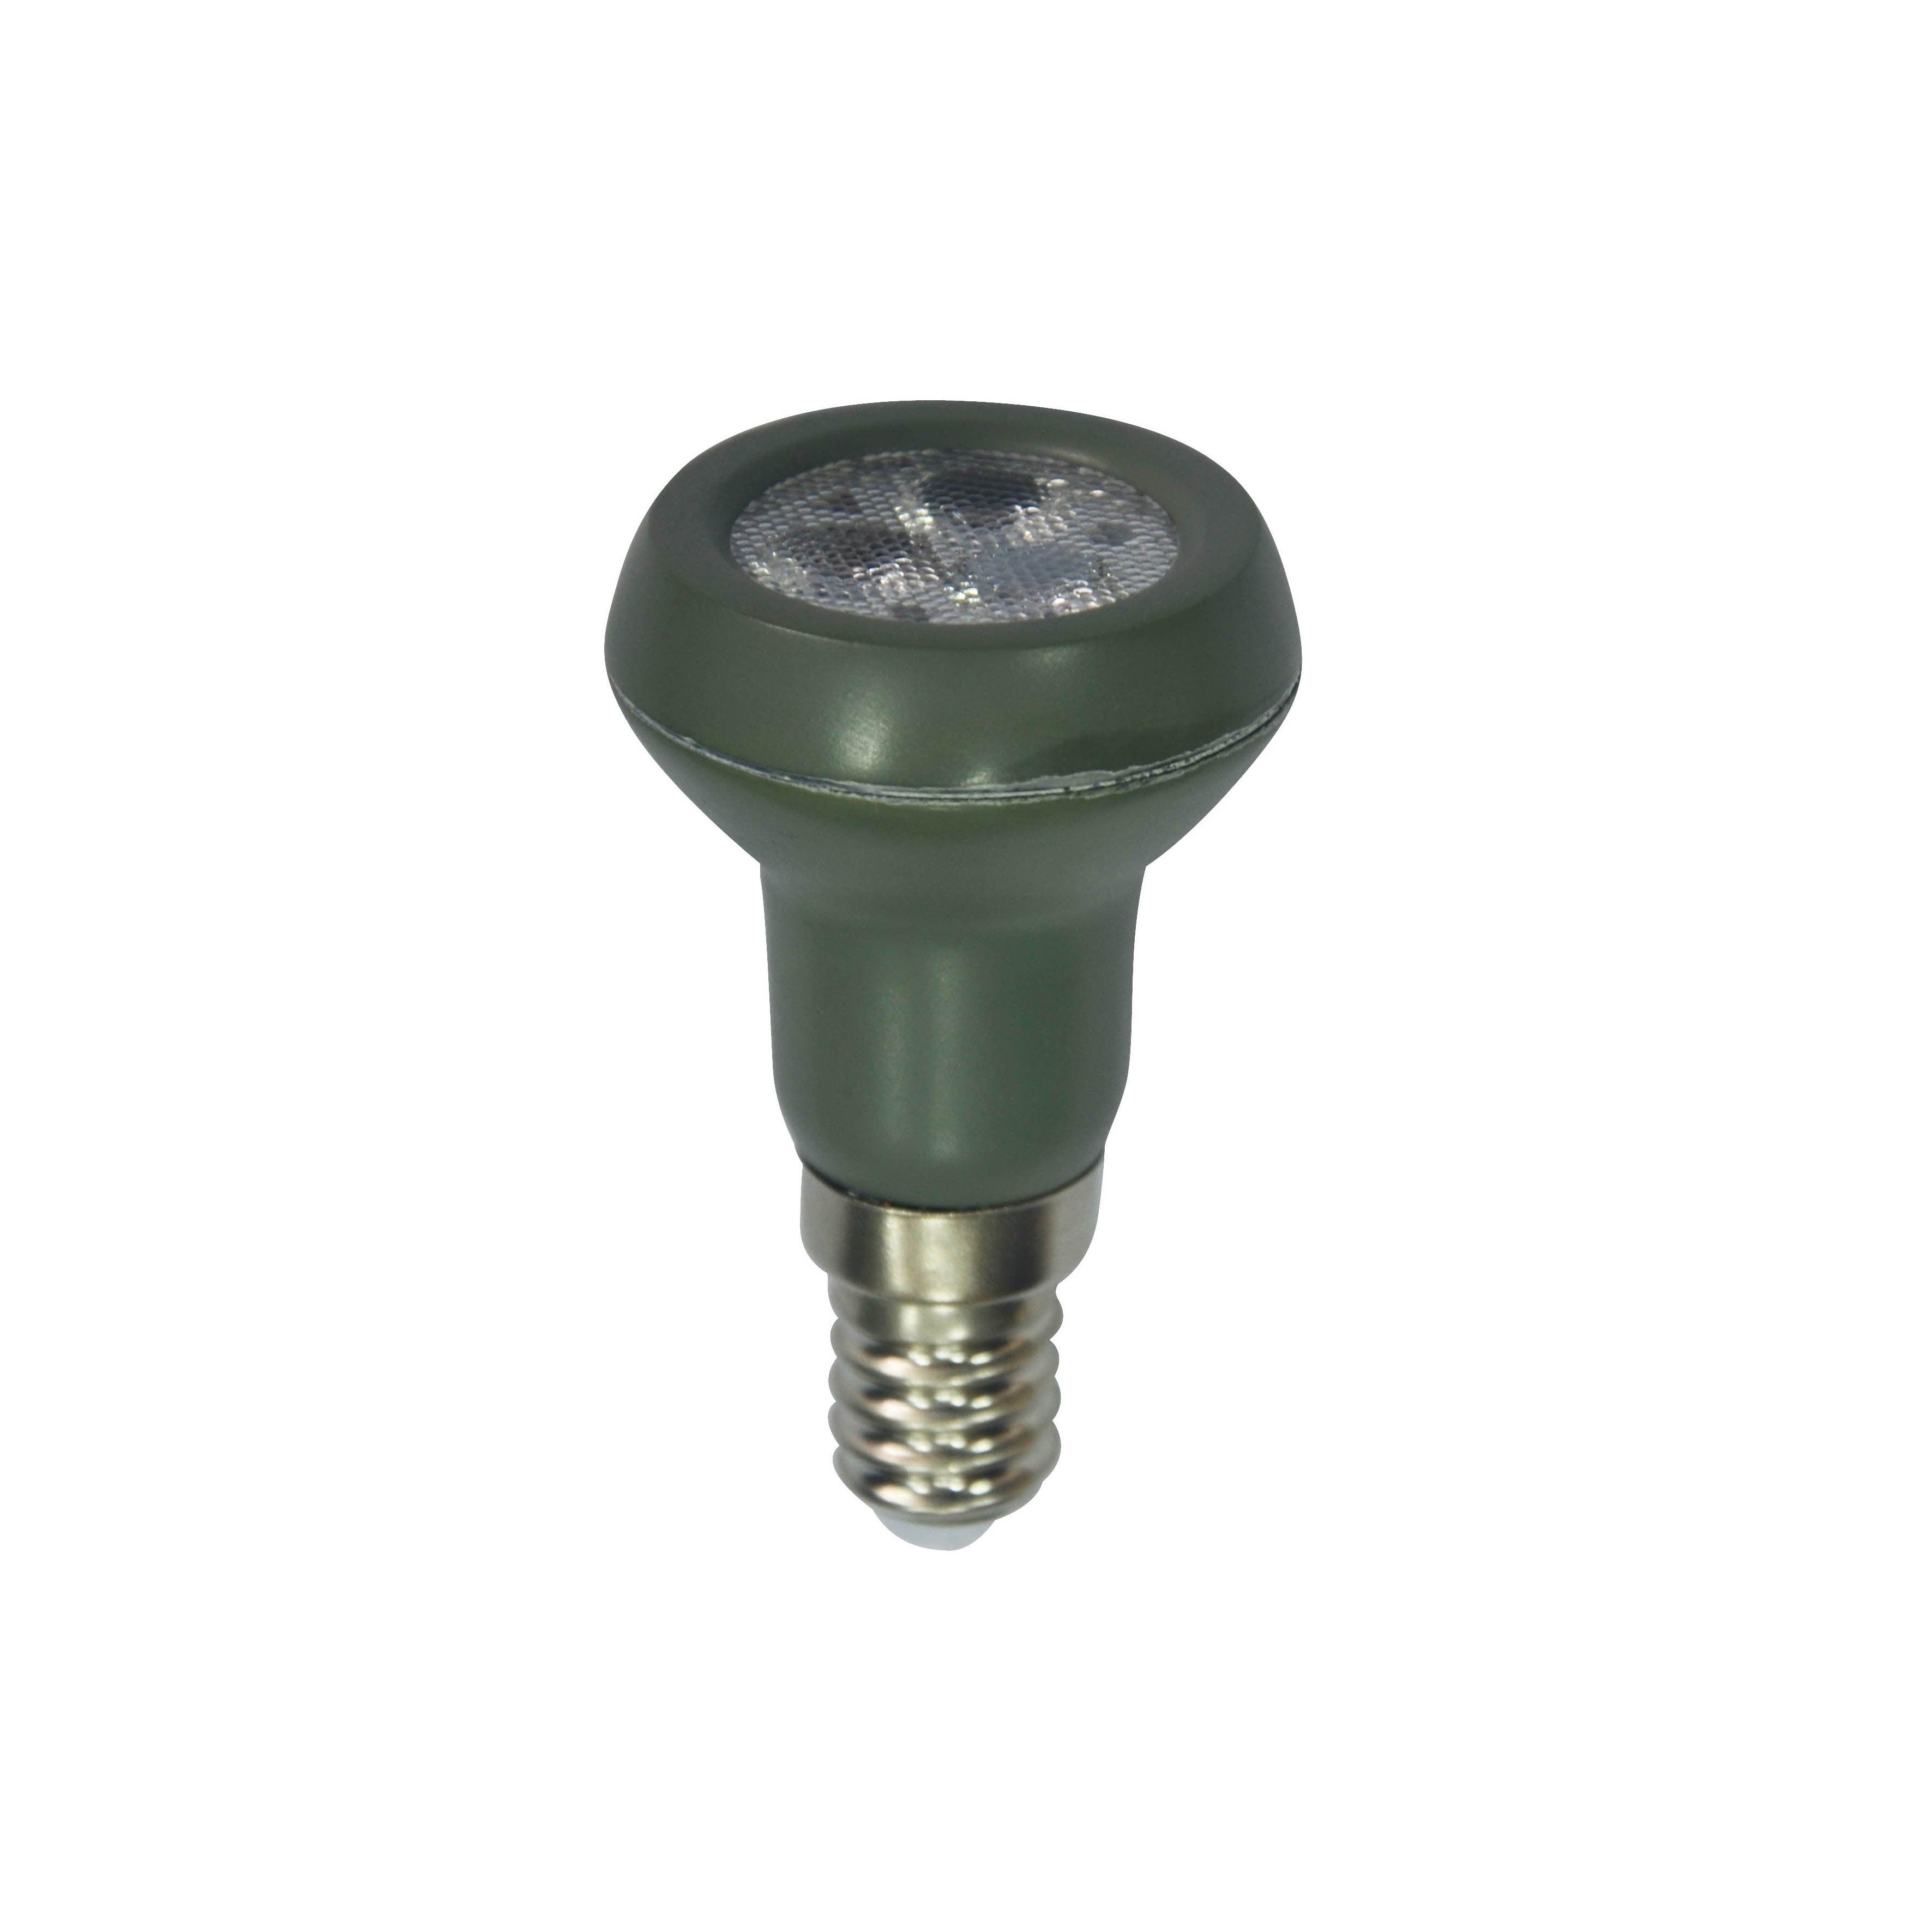 10 x Réflecteur Ampoule r50 25 w e14 Mat Ampoule Ampoules 25 W variateur